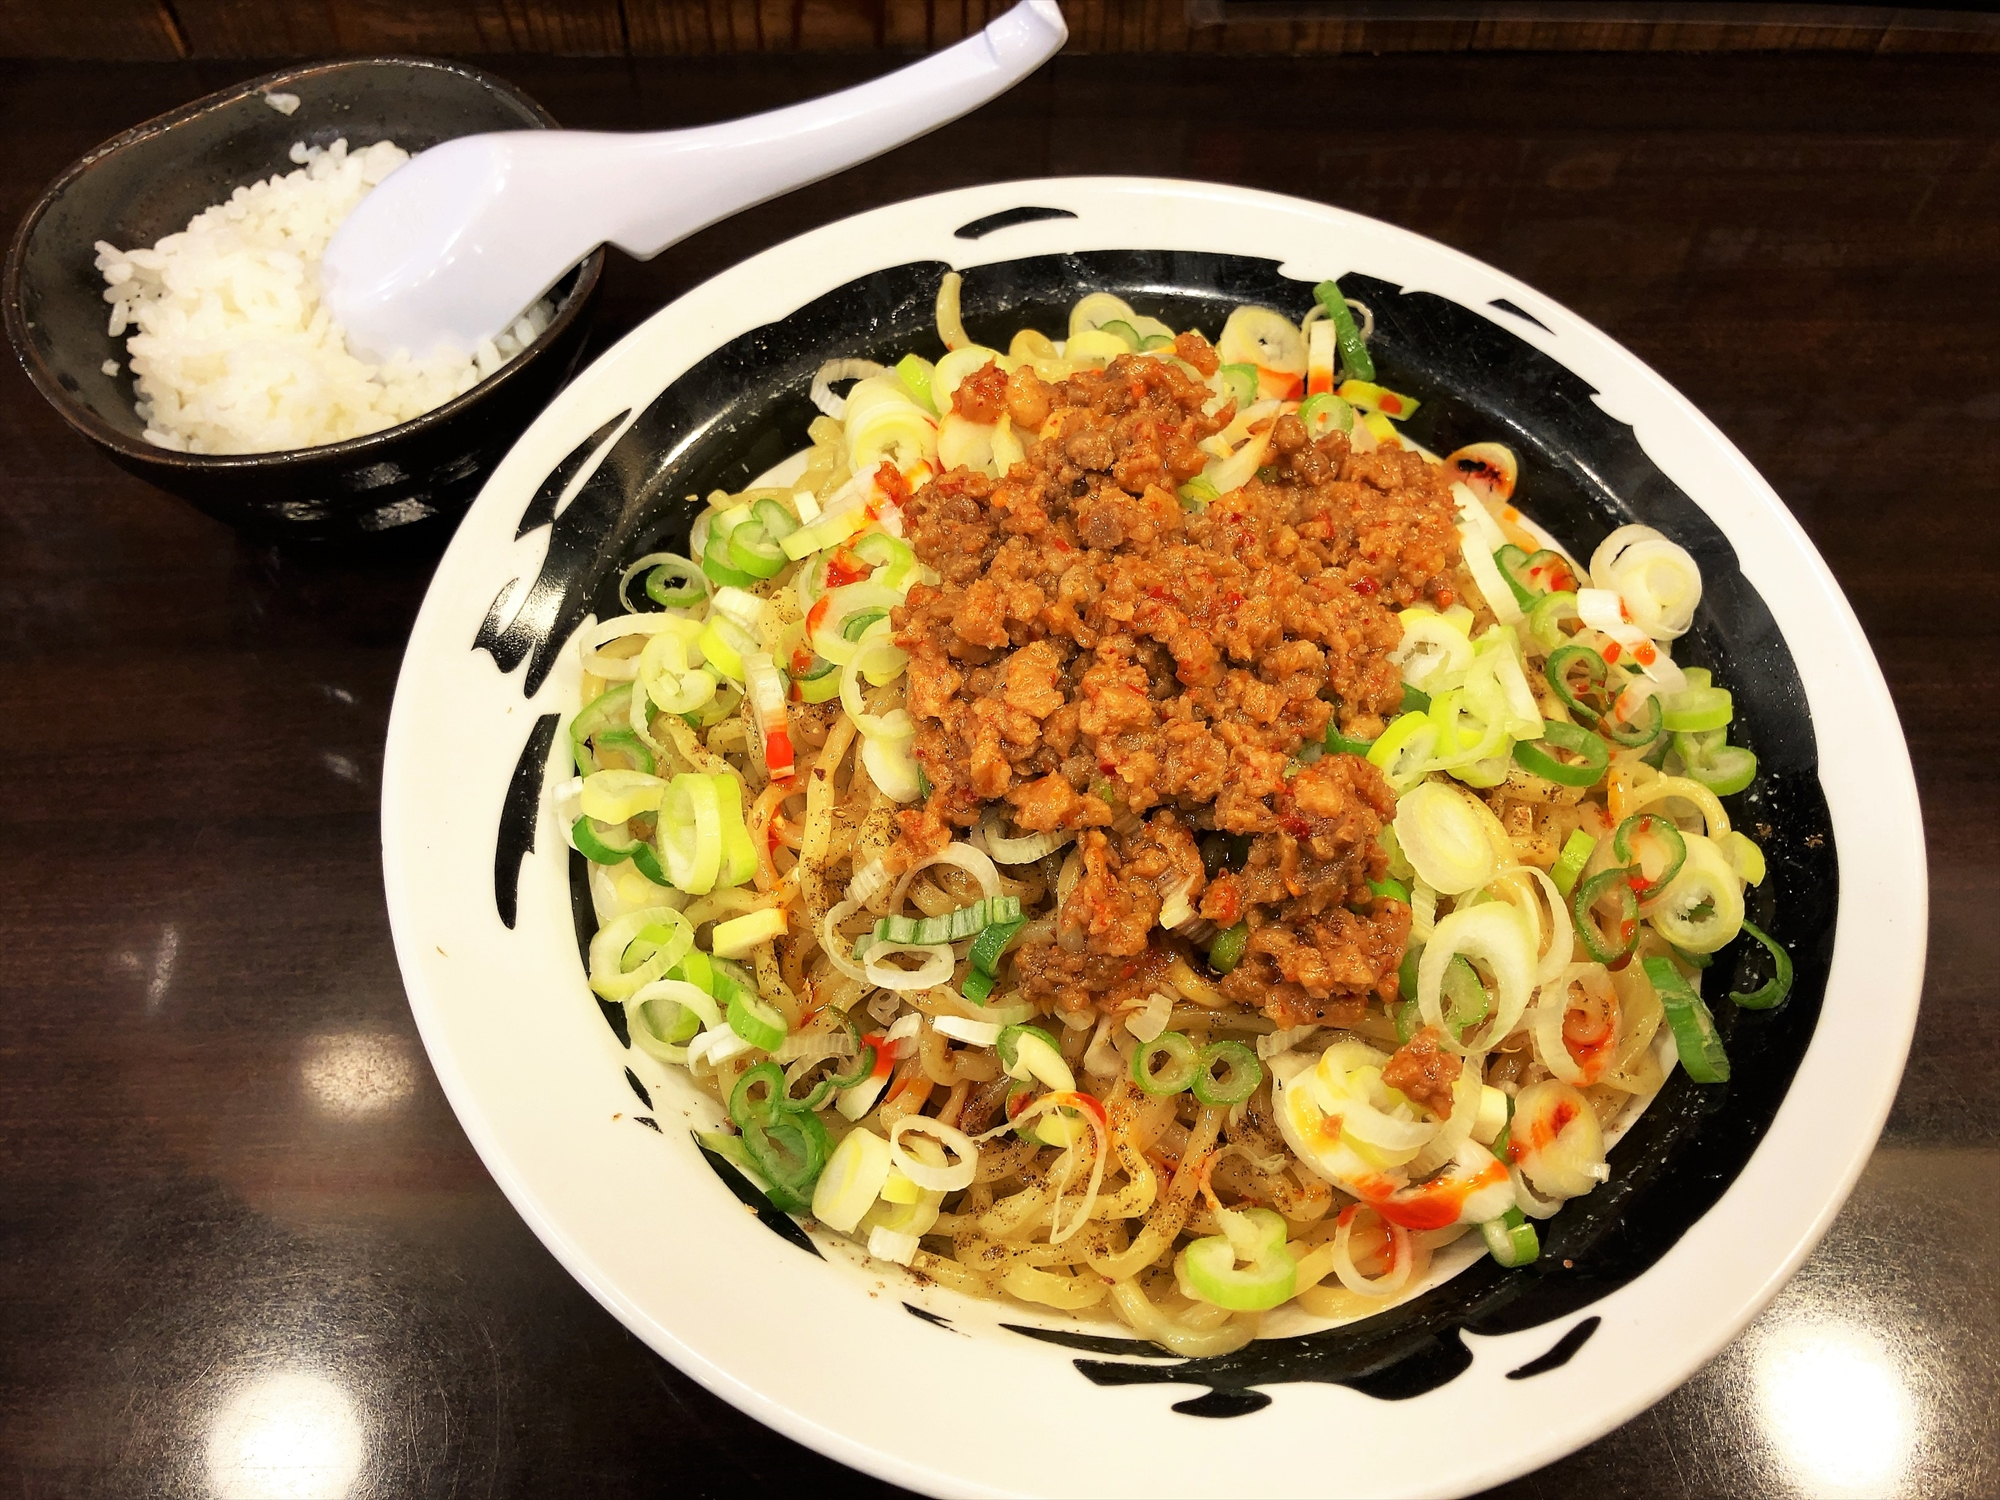 麺屋 つけ丸 有楽店「シビ辛汁なし坦々麺(大盛り)」